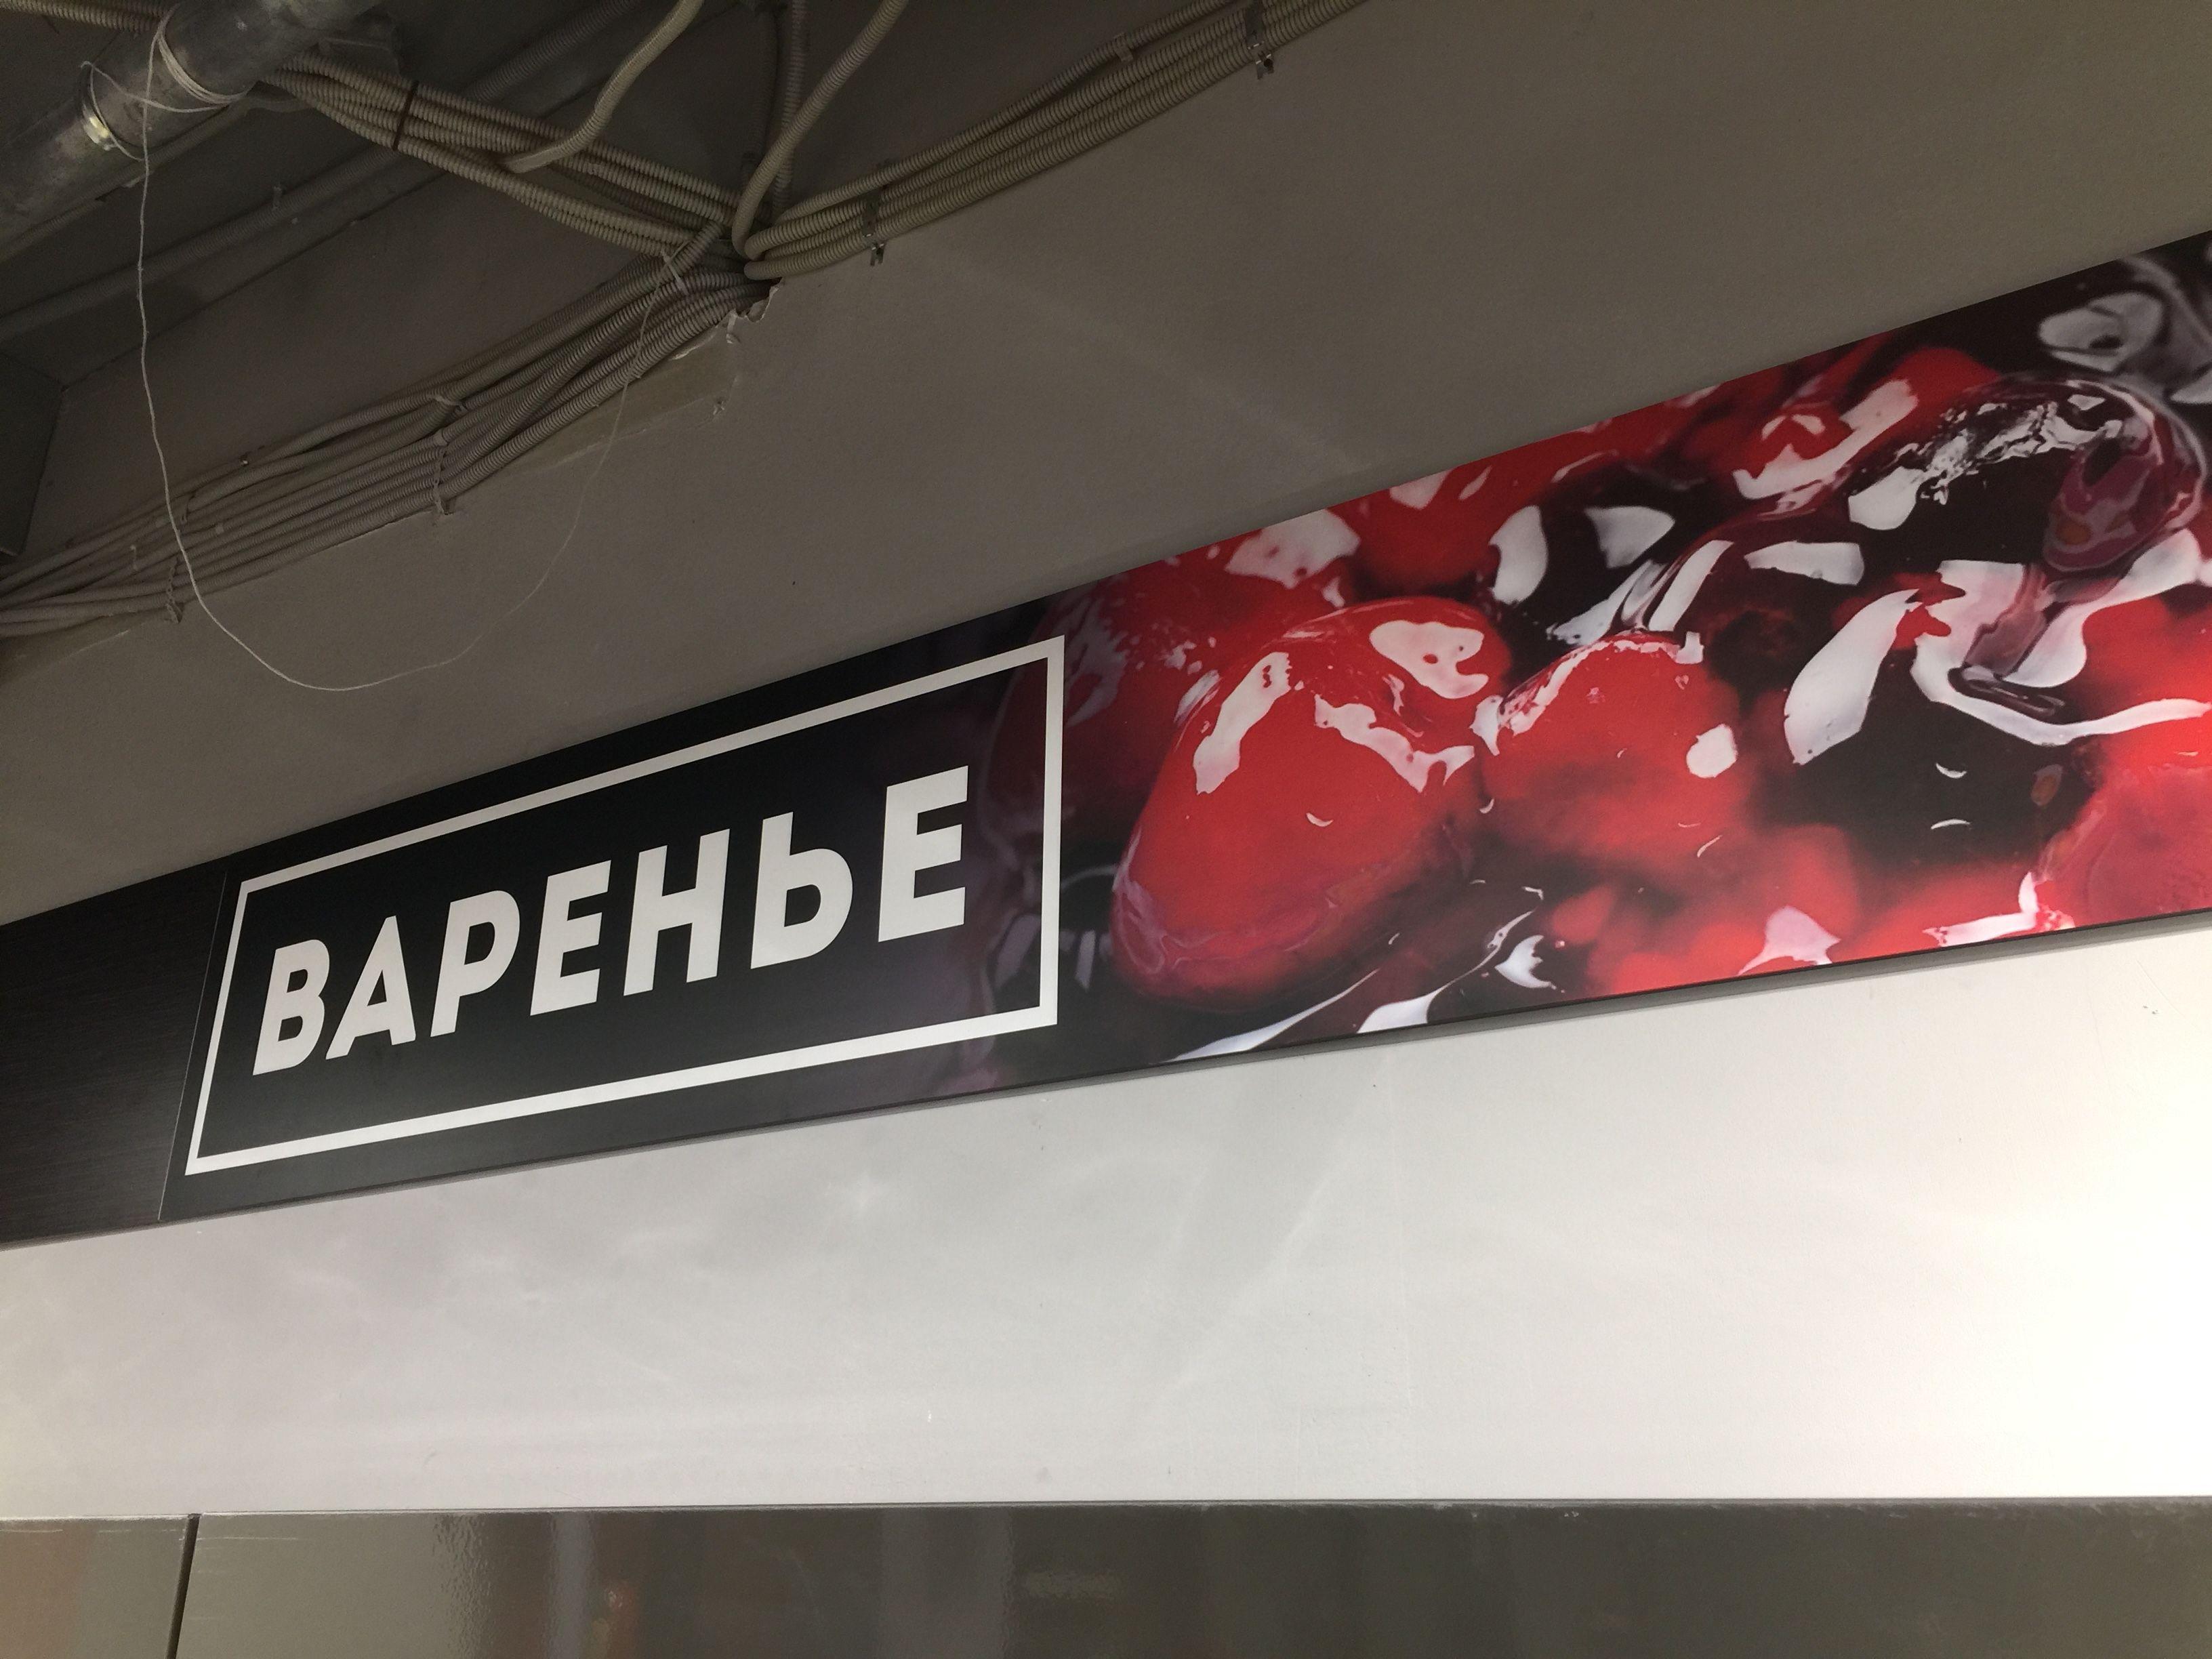 Интерьерные вывески, объёмные буквы, дизайн, проектирование, интерьерное оформление, магазин, супермаркет, РИОМАГ, реклама, логотип